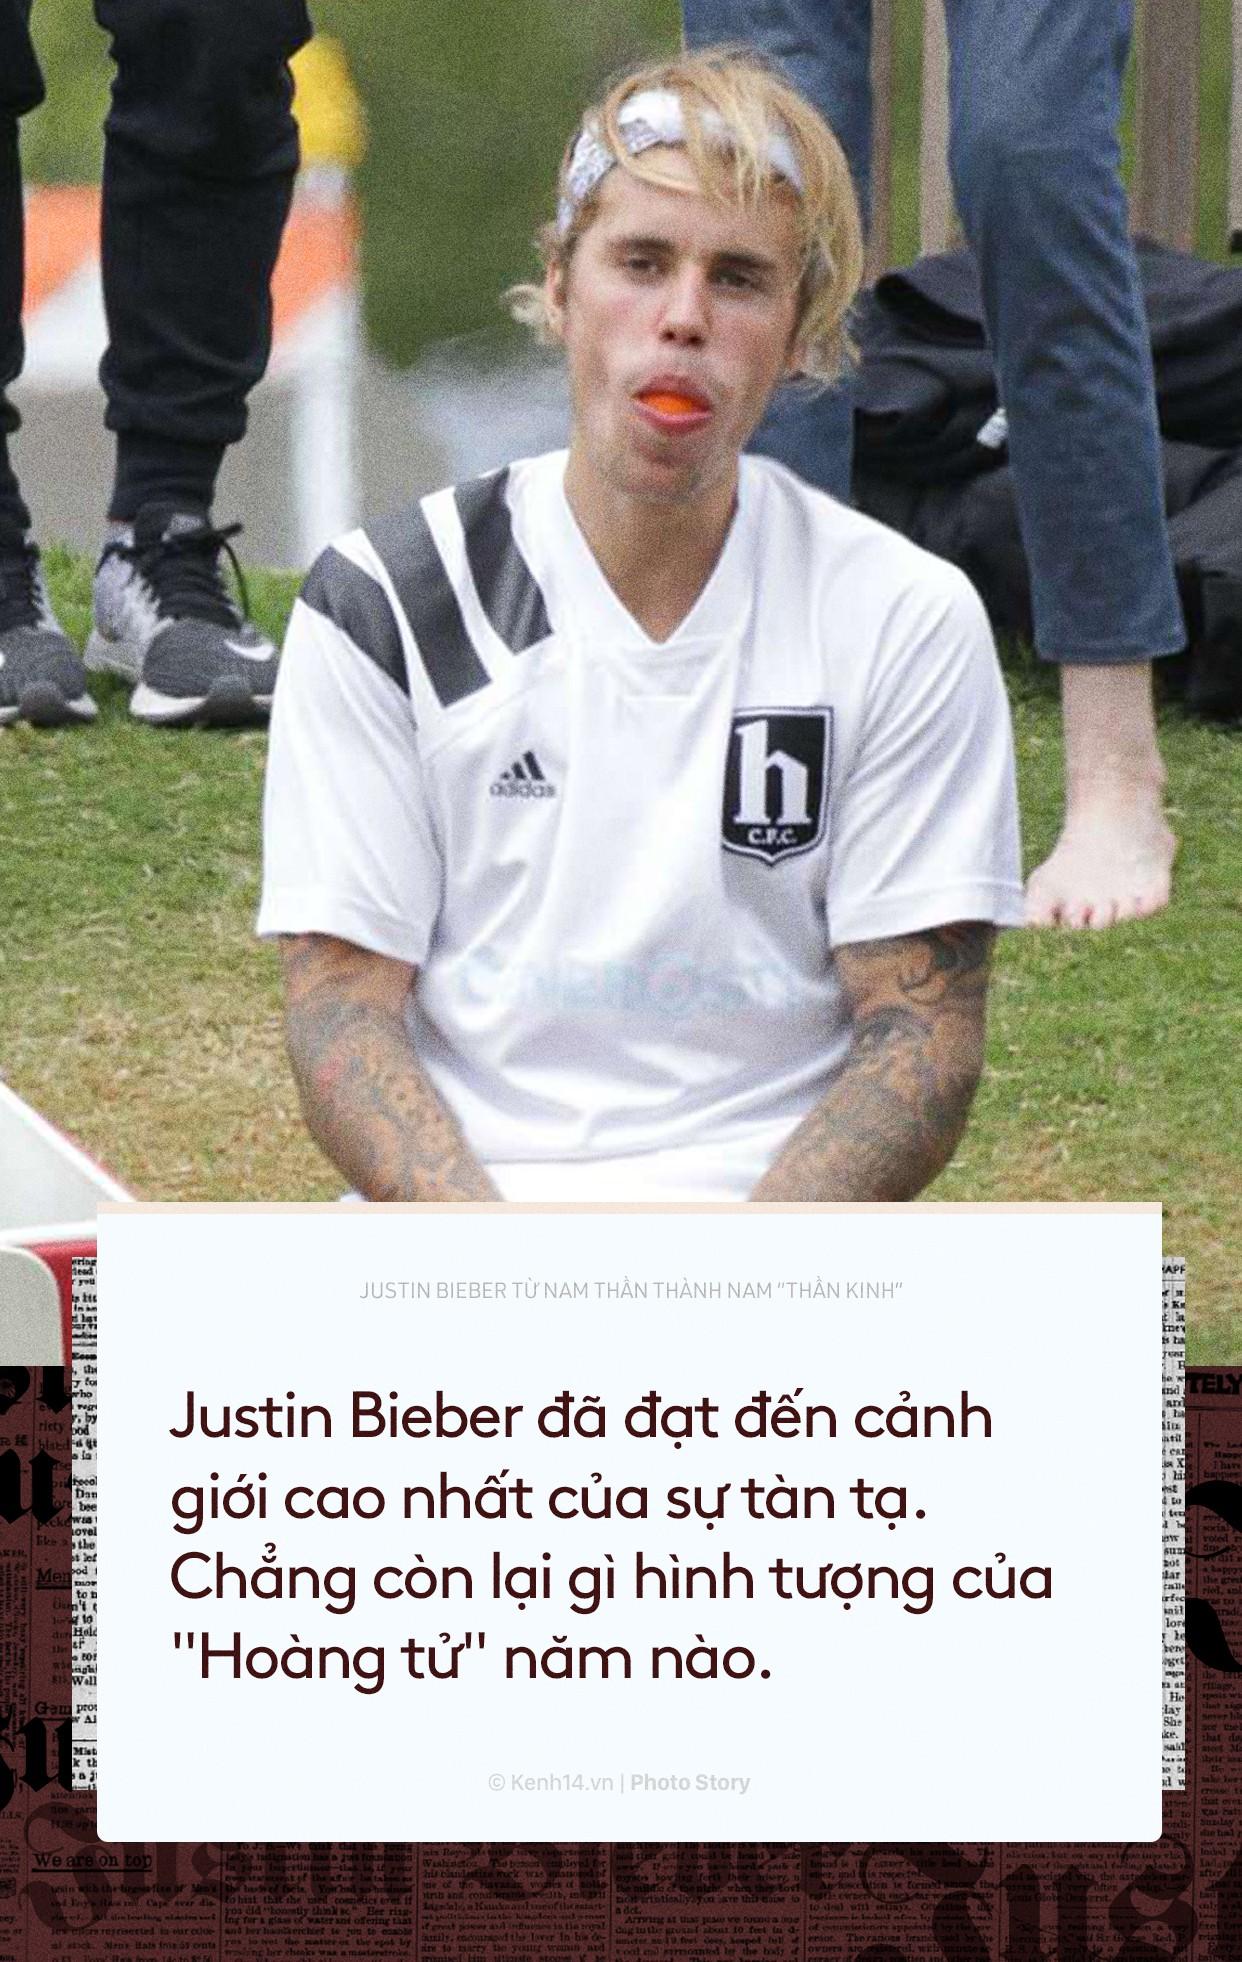 Nếu có ước muốn cho cuộc đời này, hãy nhớ ước muốn cho Justin Bieber đẹp trai trở lại - Ảnh 21.